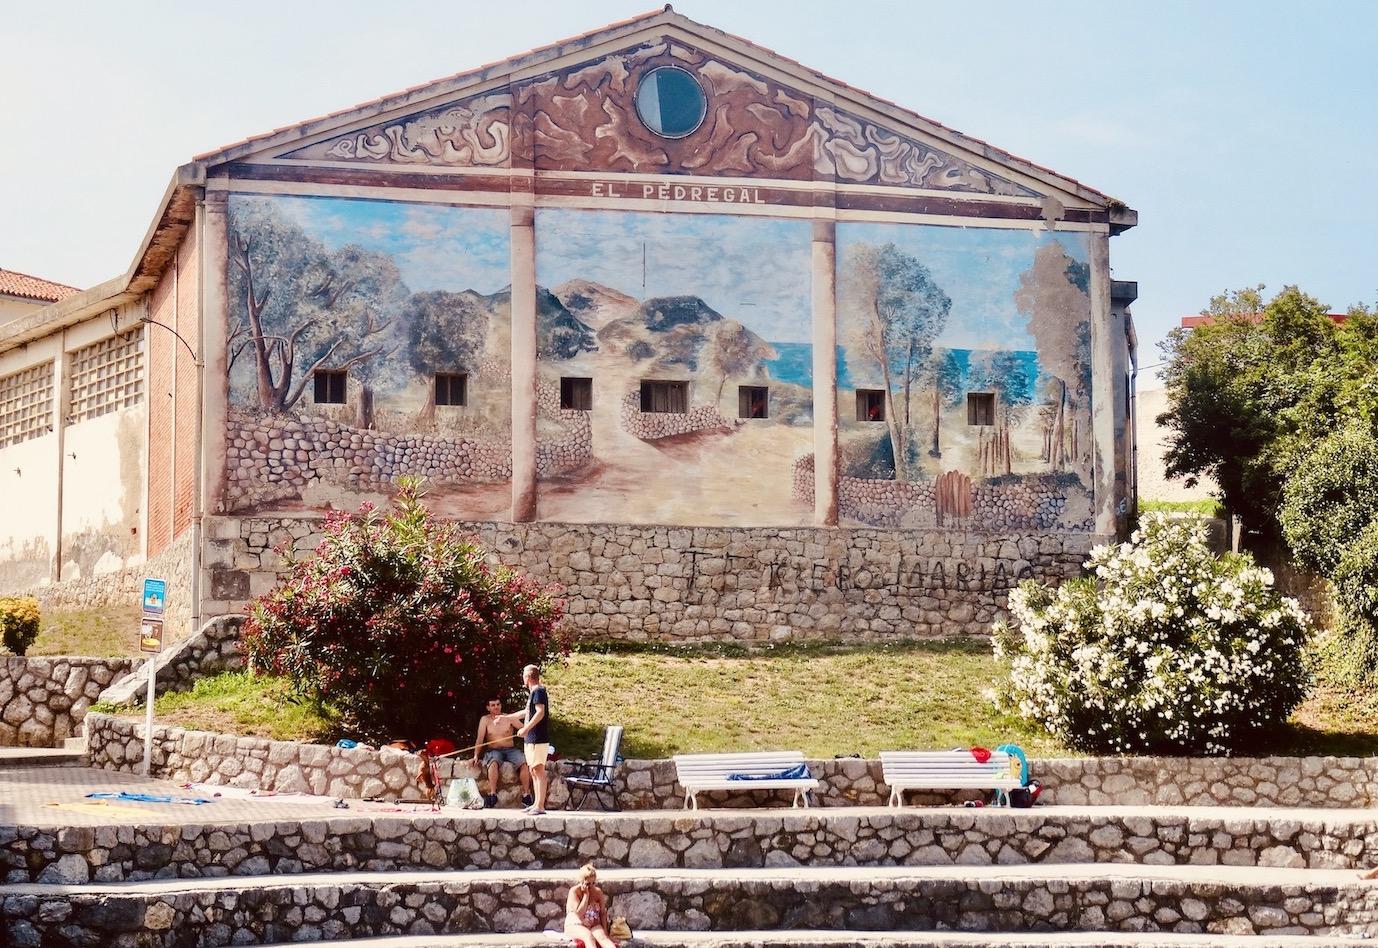 El Pedregal Castro Urdiales.